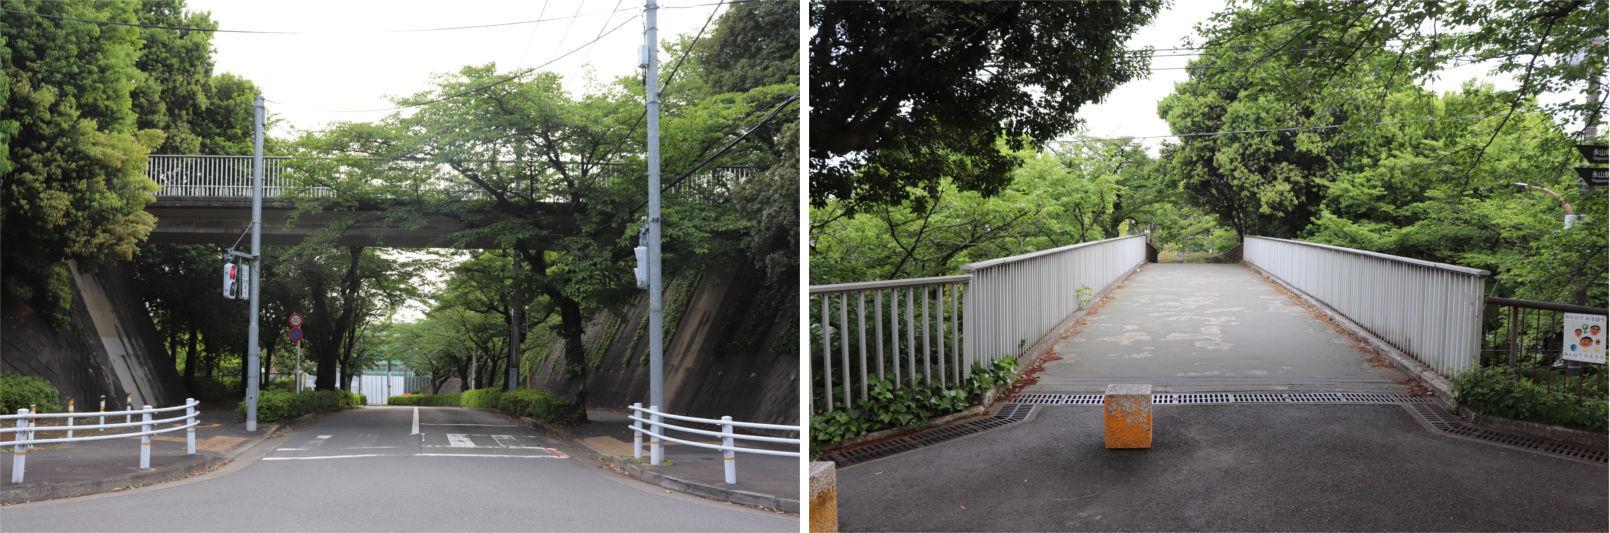 [多摩NTの橋ぜんぶ撮影PJ] No.86~90 瓜生地区の橋_a0332275_00245236.jpg